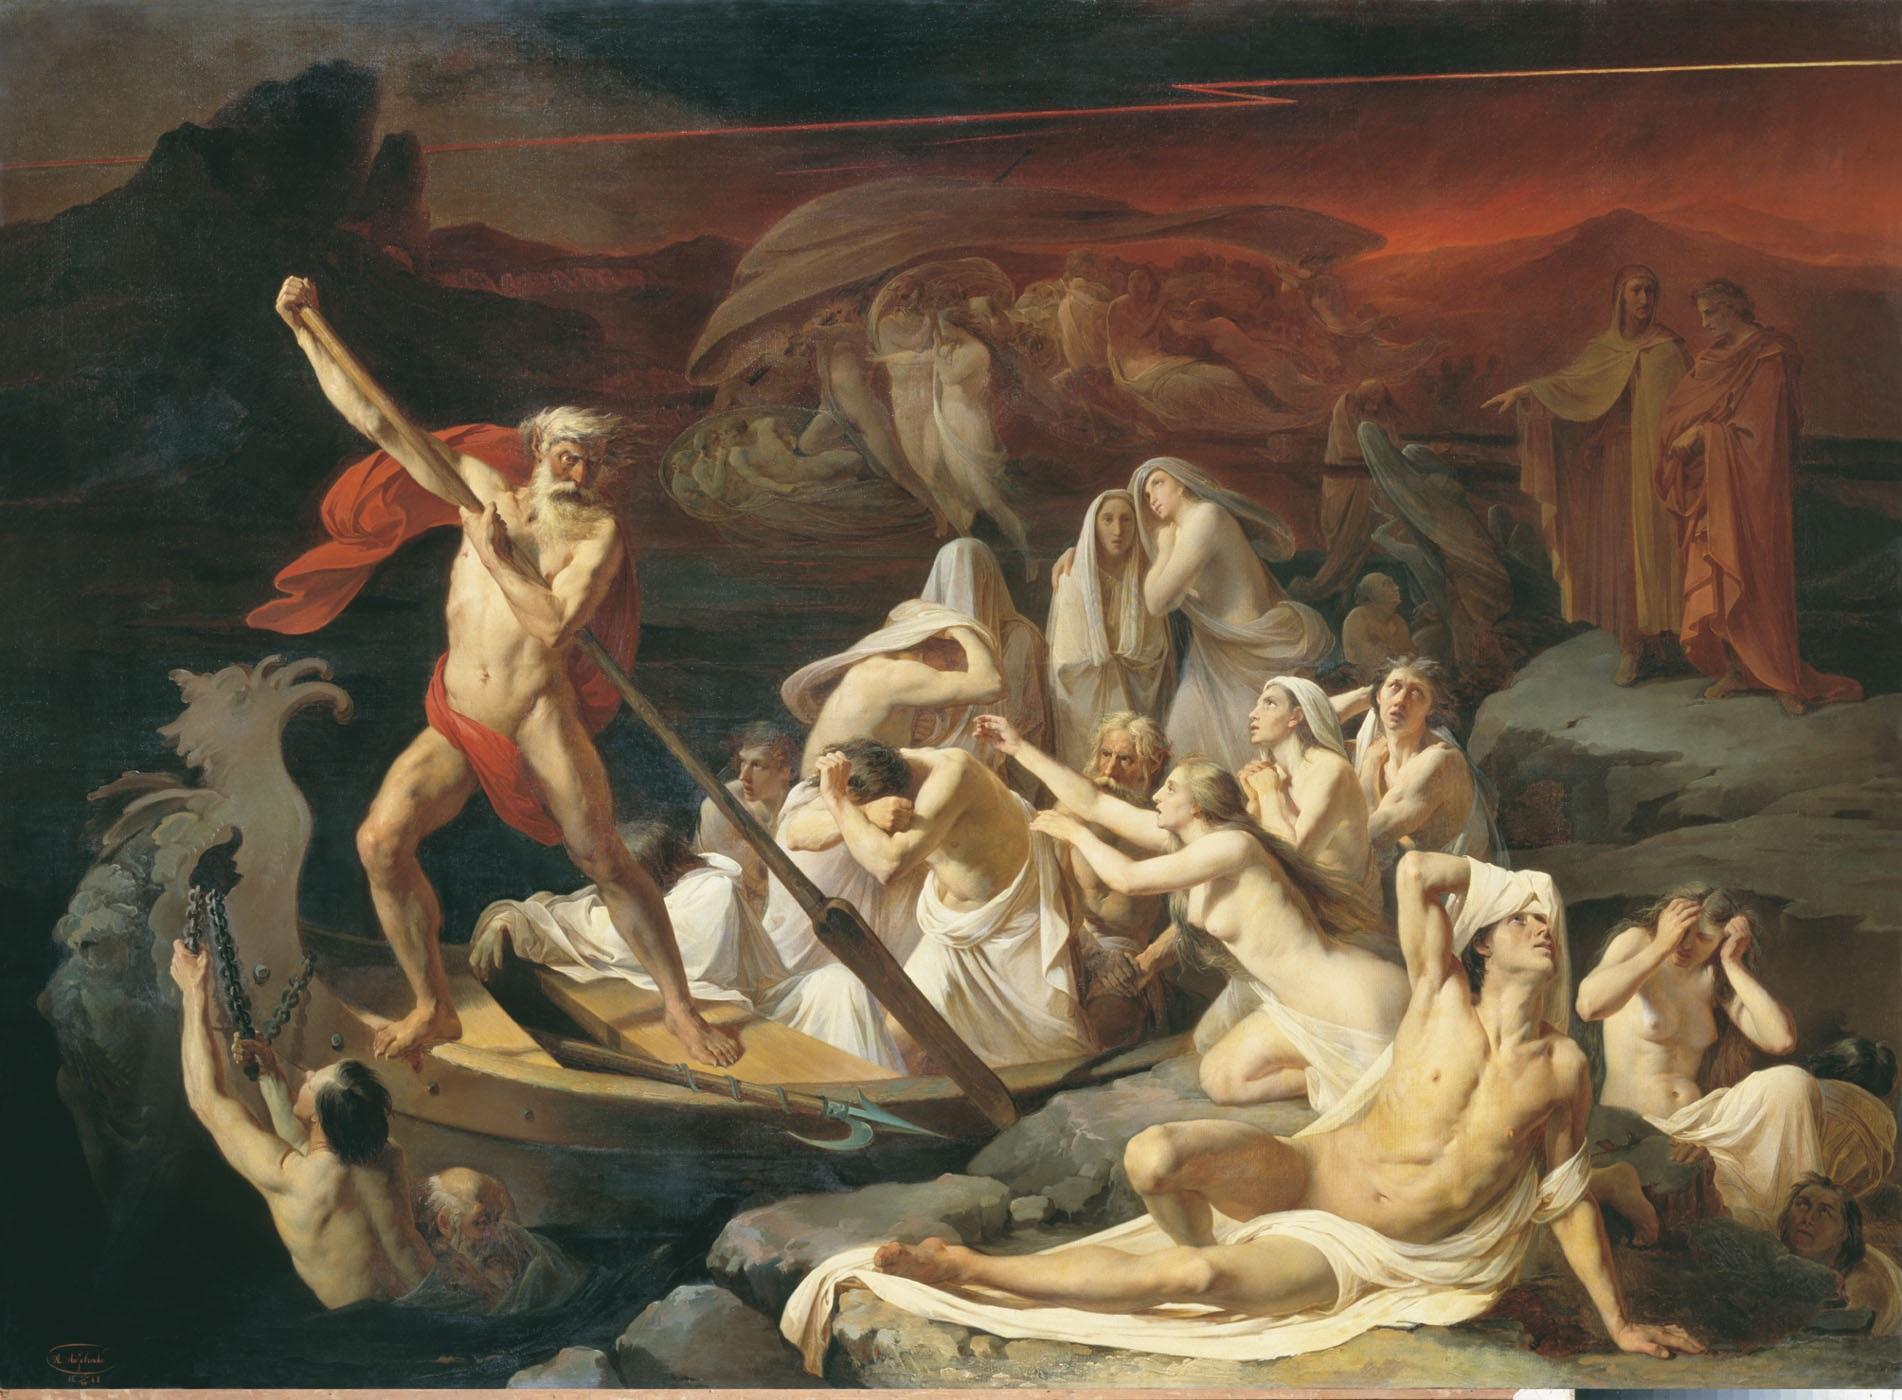 Flegias, el otro barquero. Aquí se cruzará a Dante y a Virgilio sobre la laguna de lava hirviente llamada Estigia